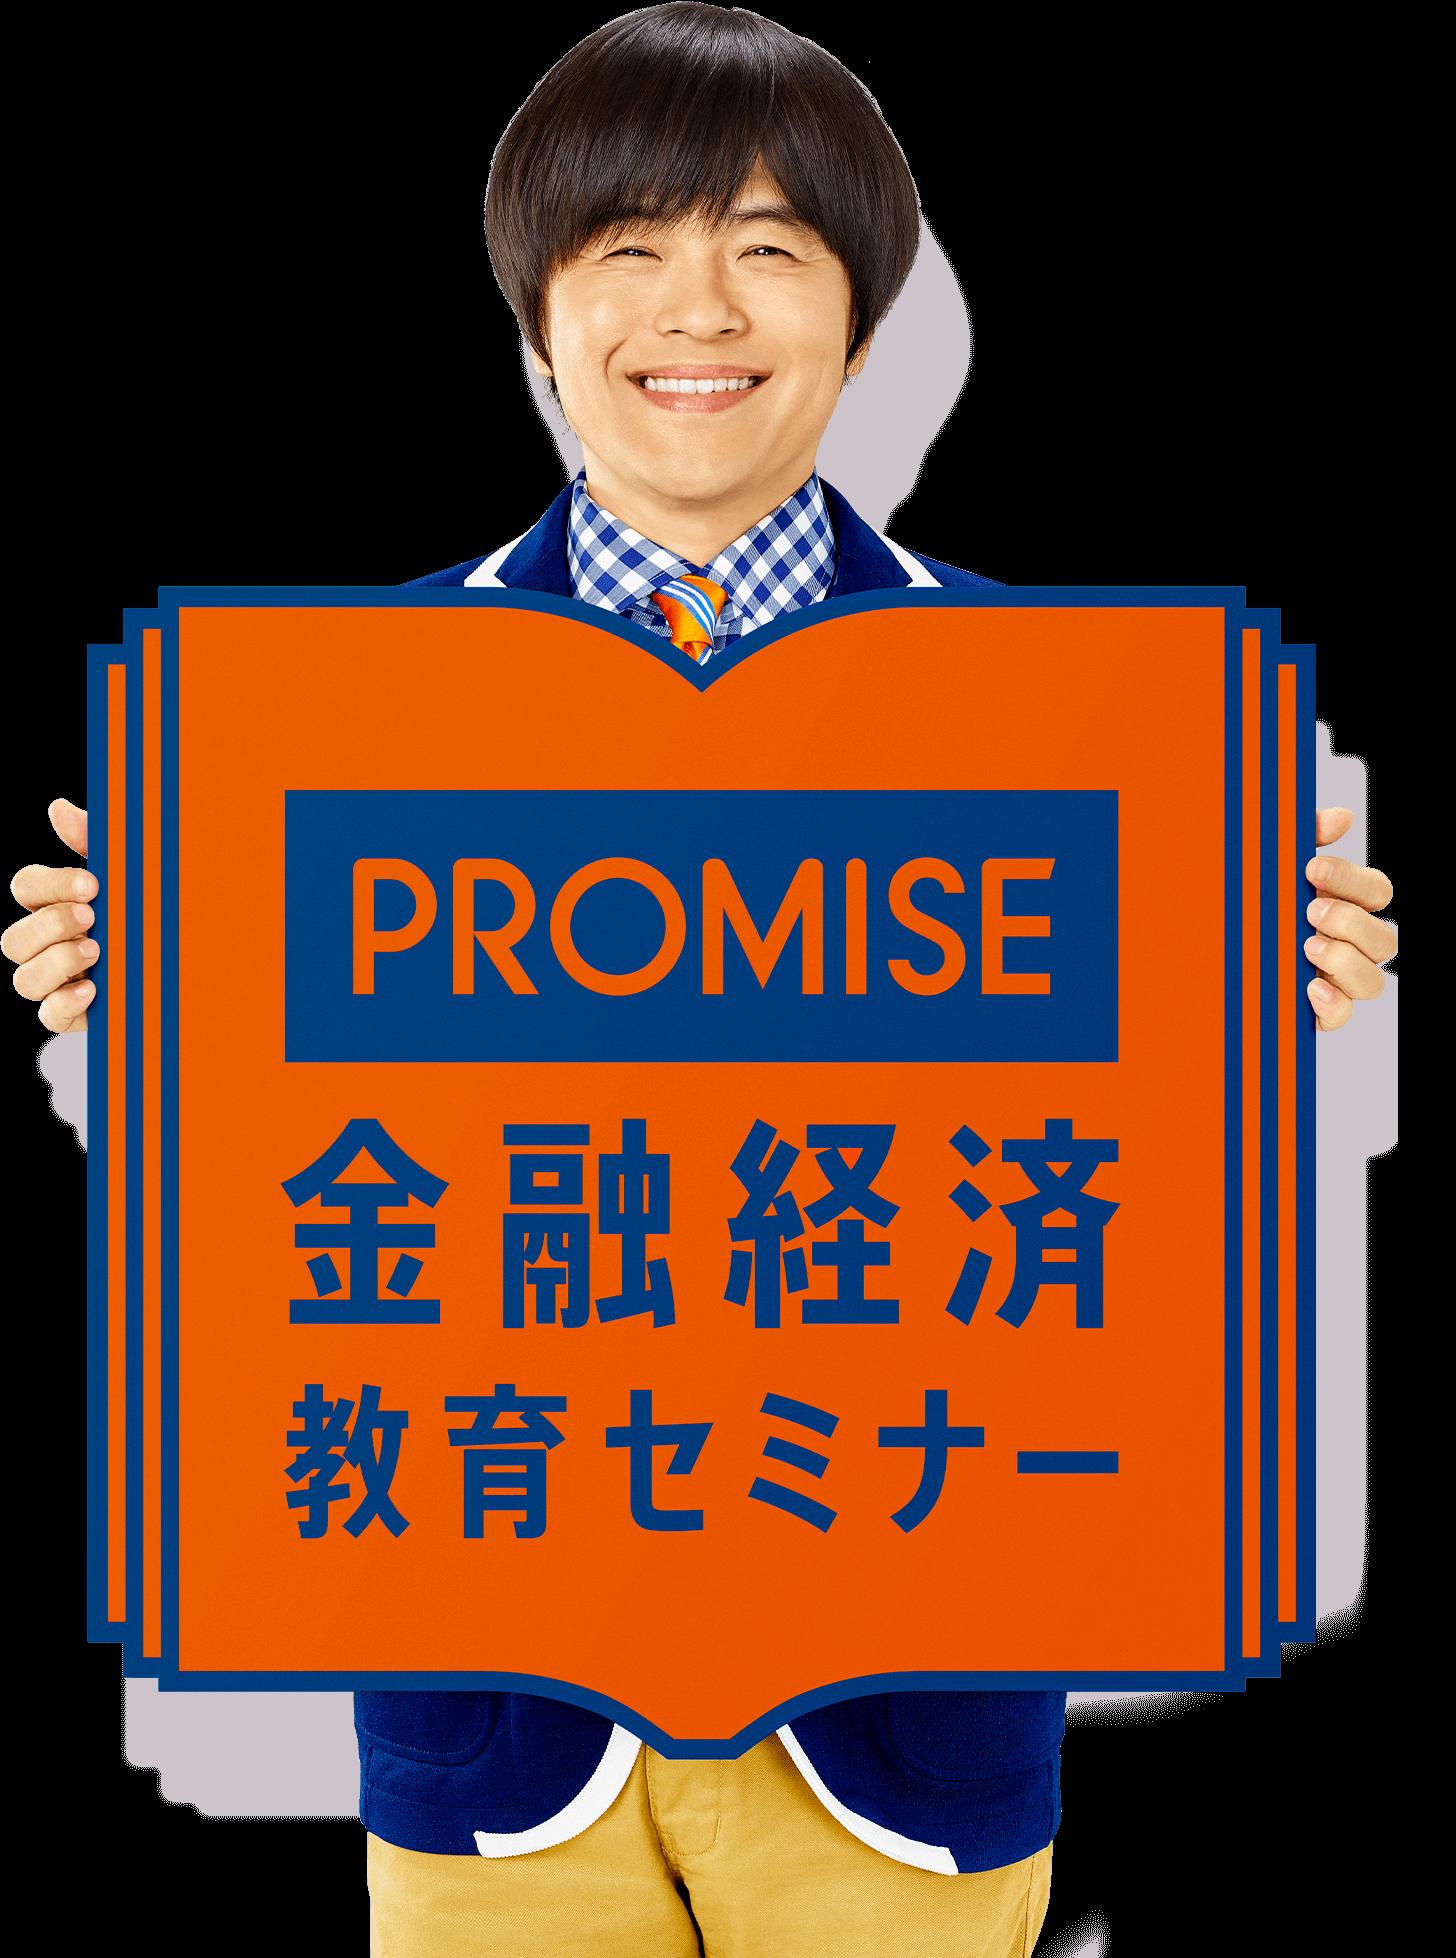 プロミス 【5分でわかる!!】ブランド・プロミスとは!?